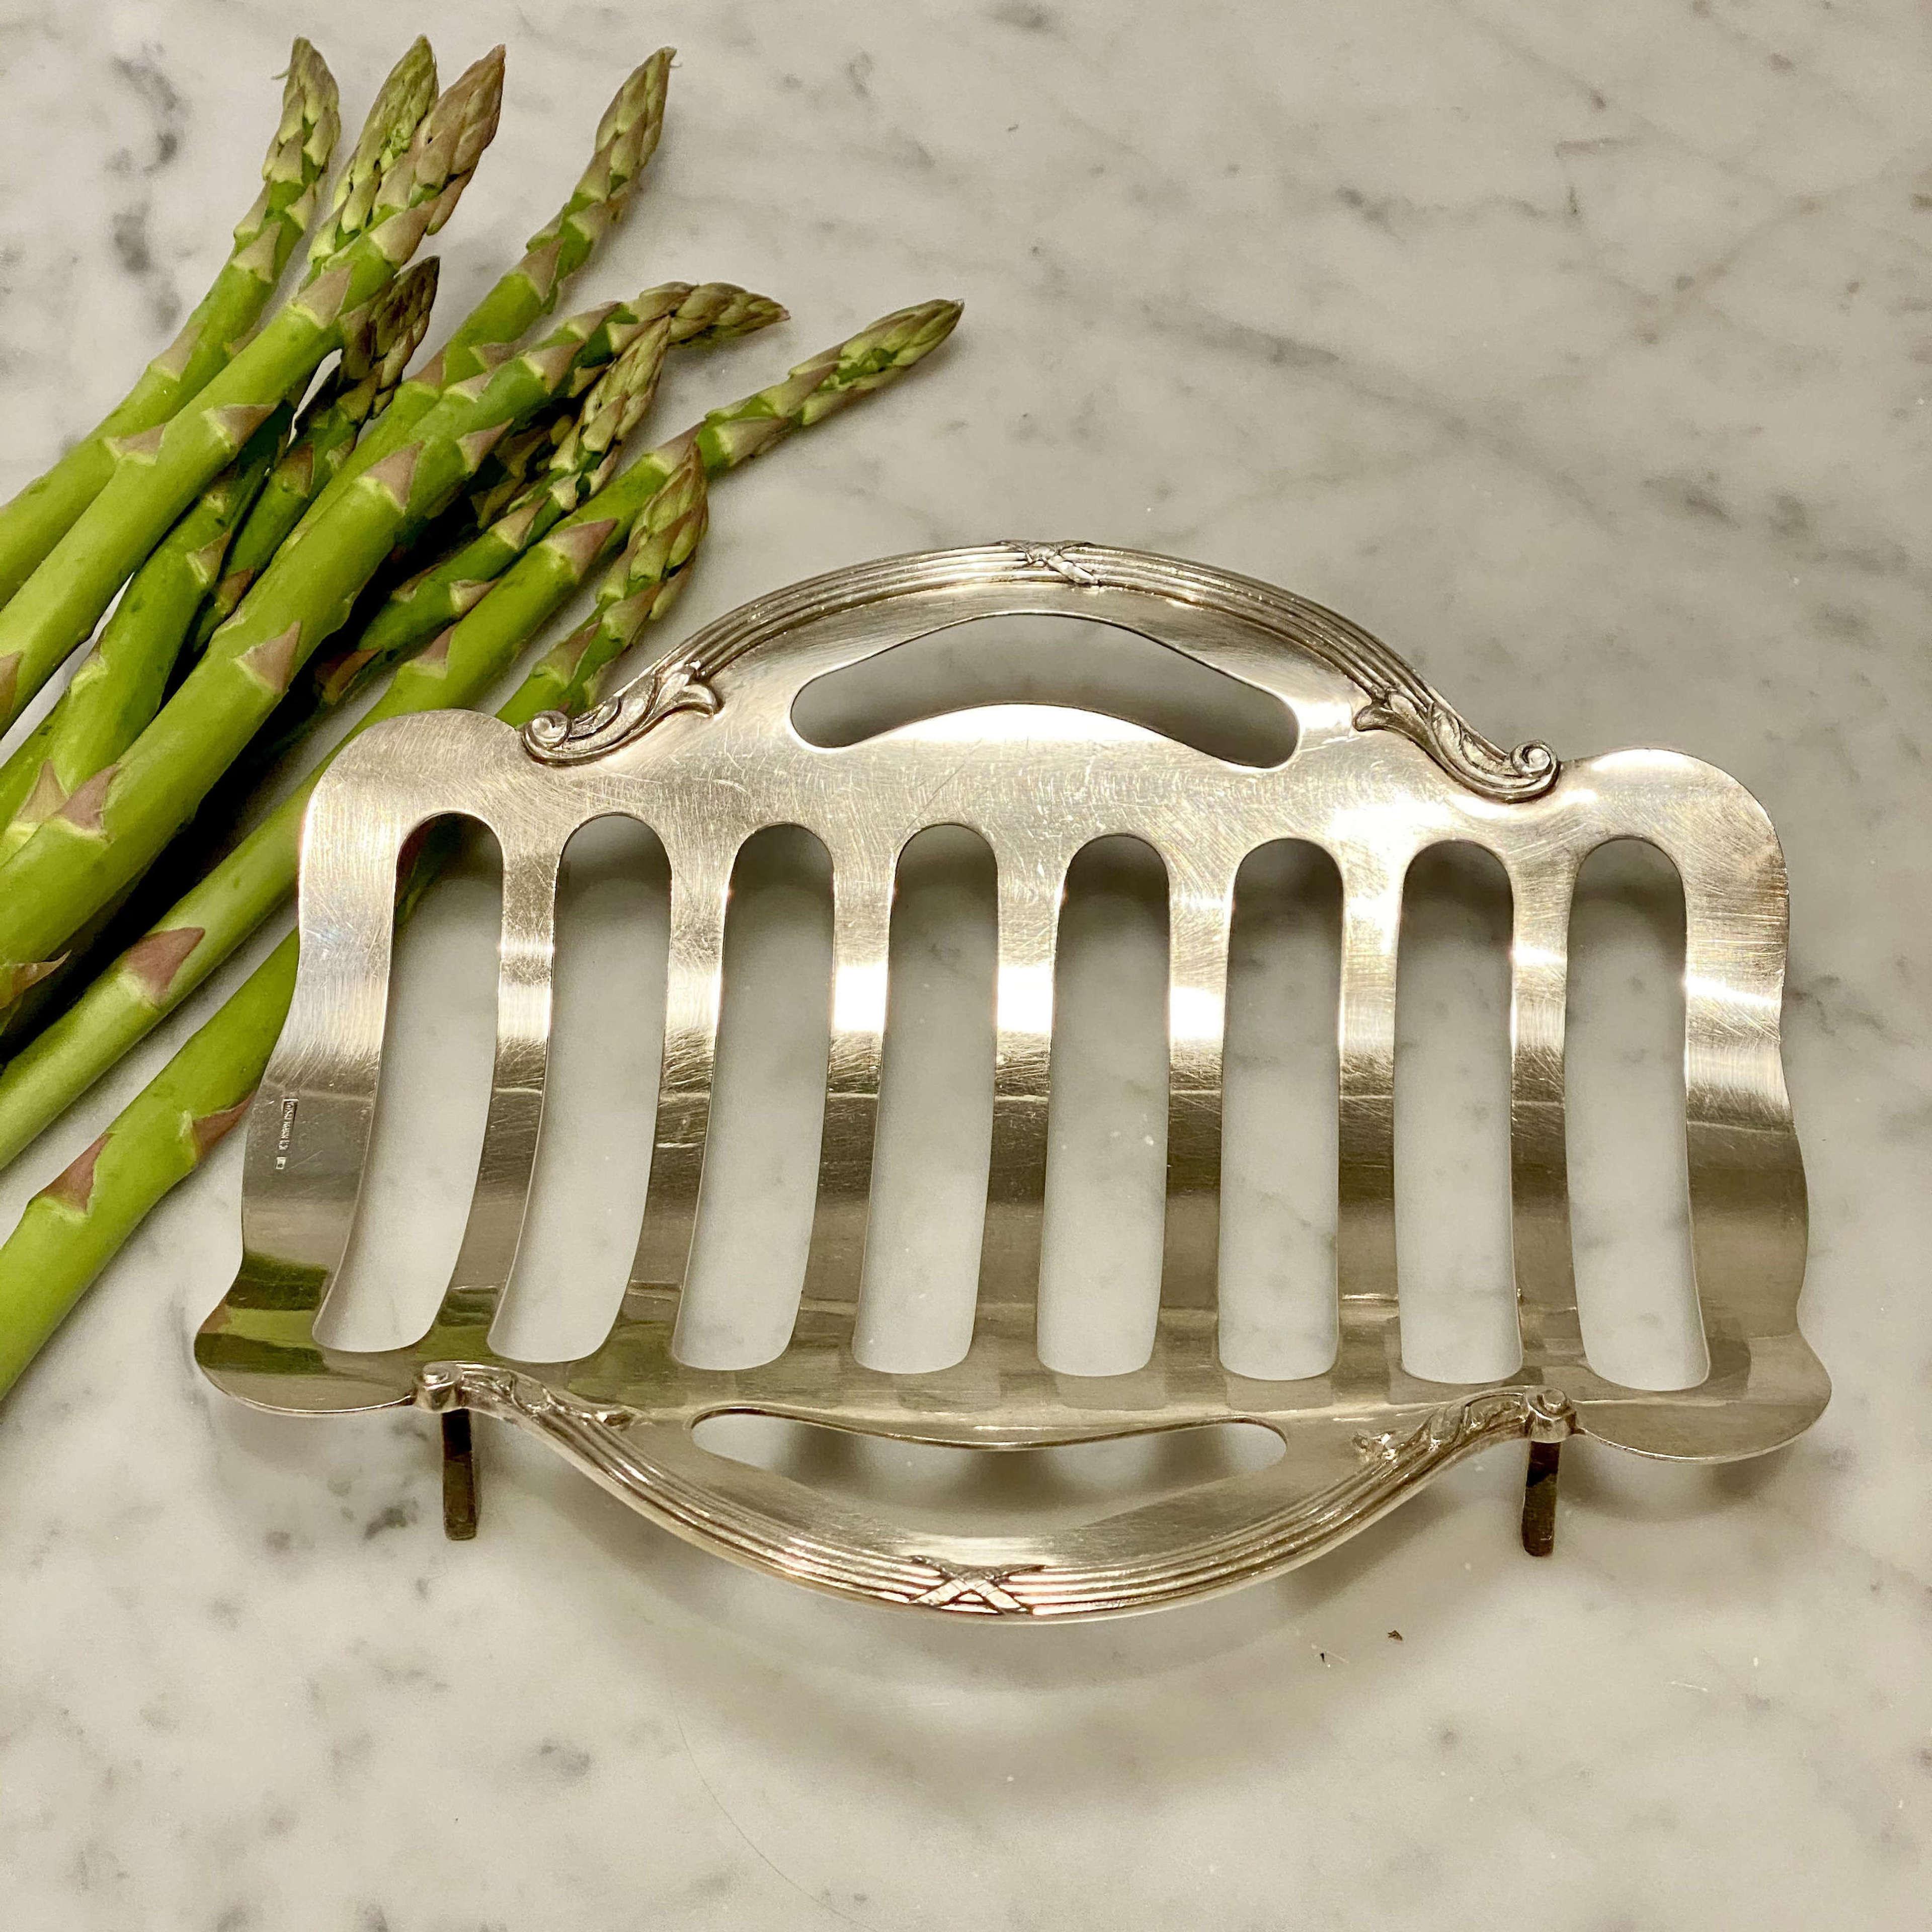 Wiskemann silver plated asparagus cradle serving basket